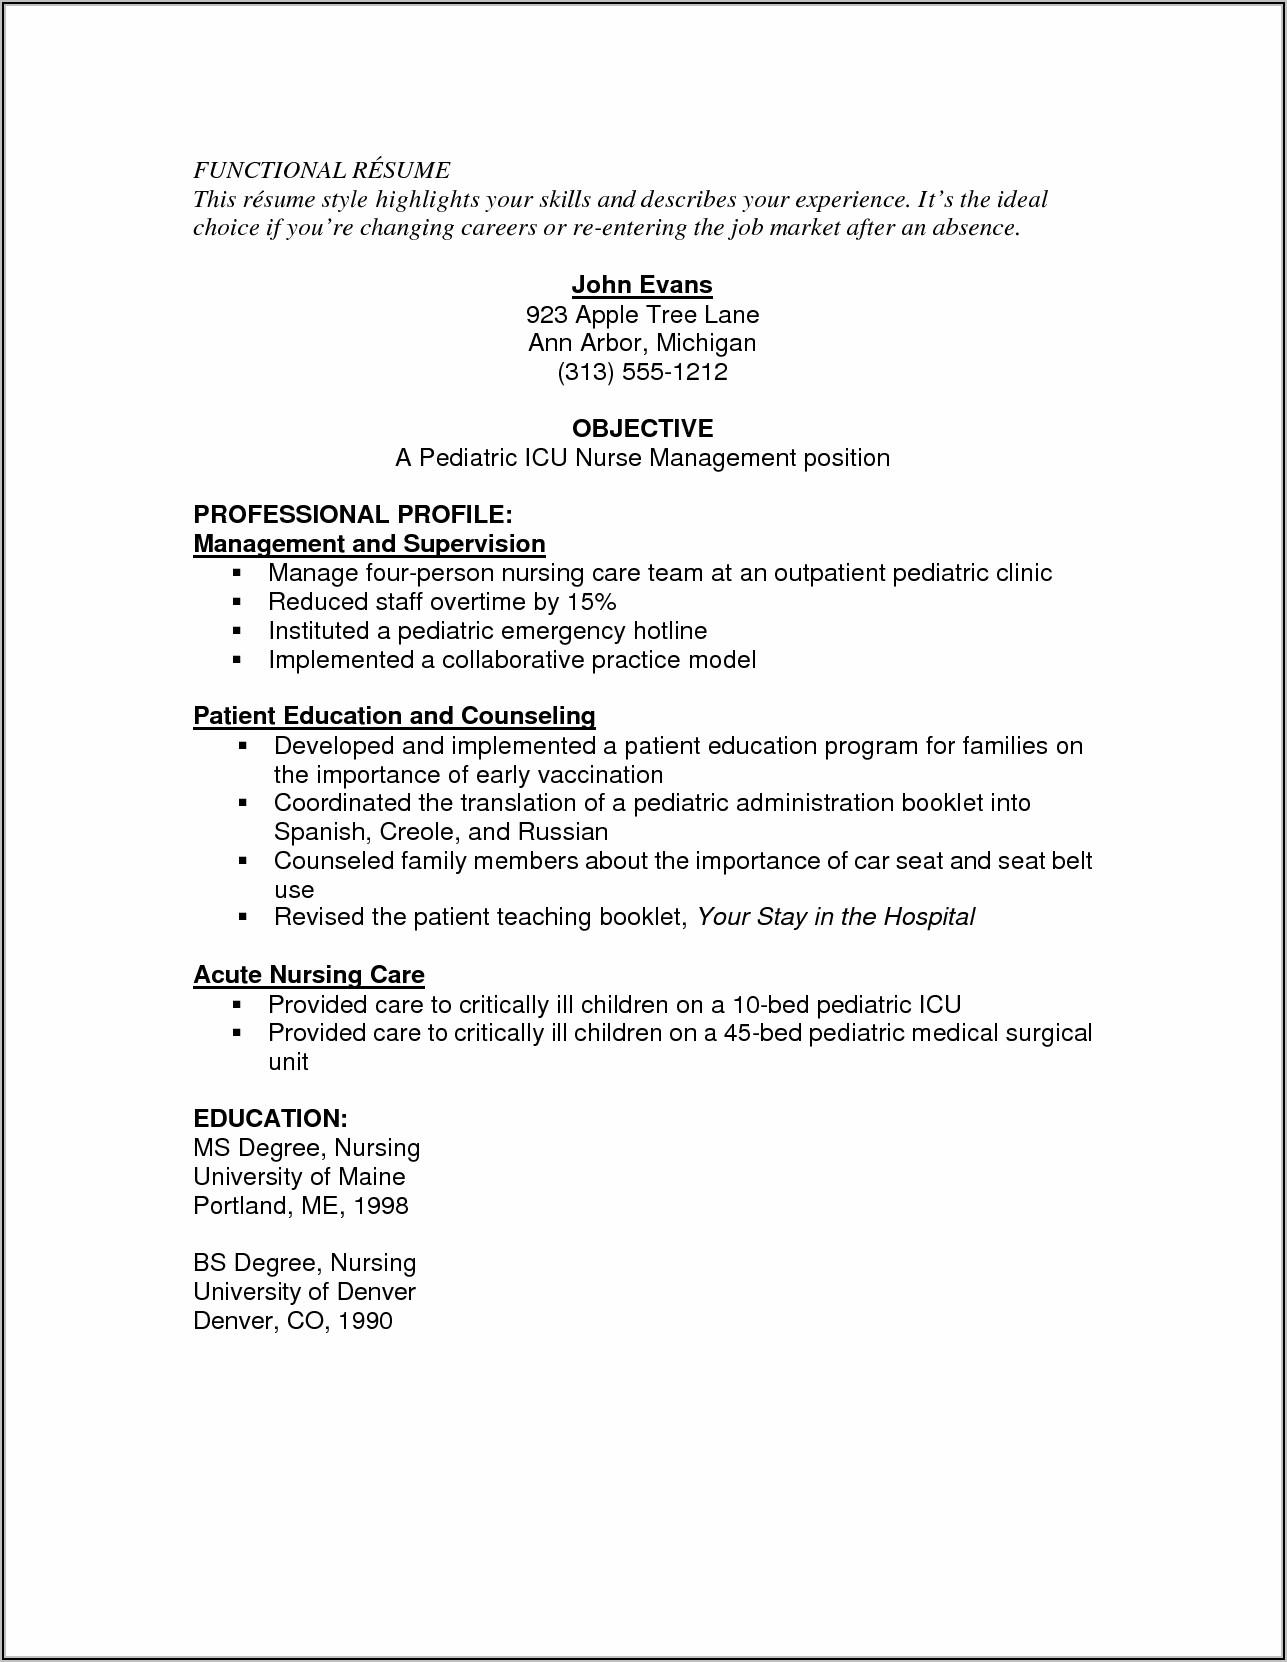 Resume For Registered Nurse Position